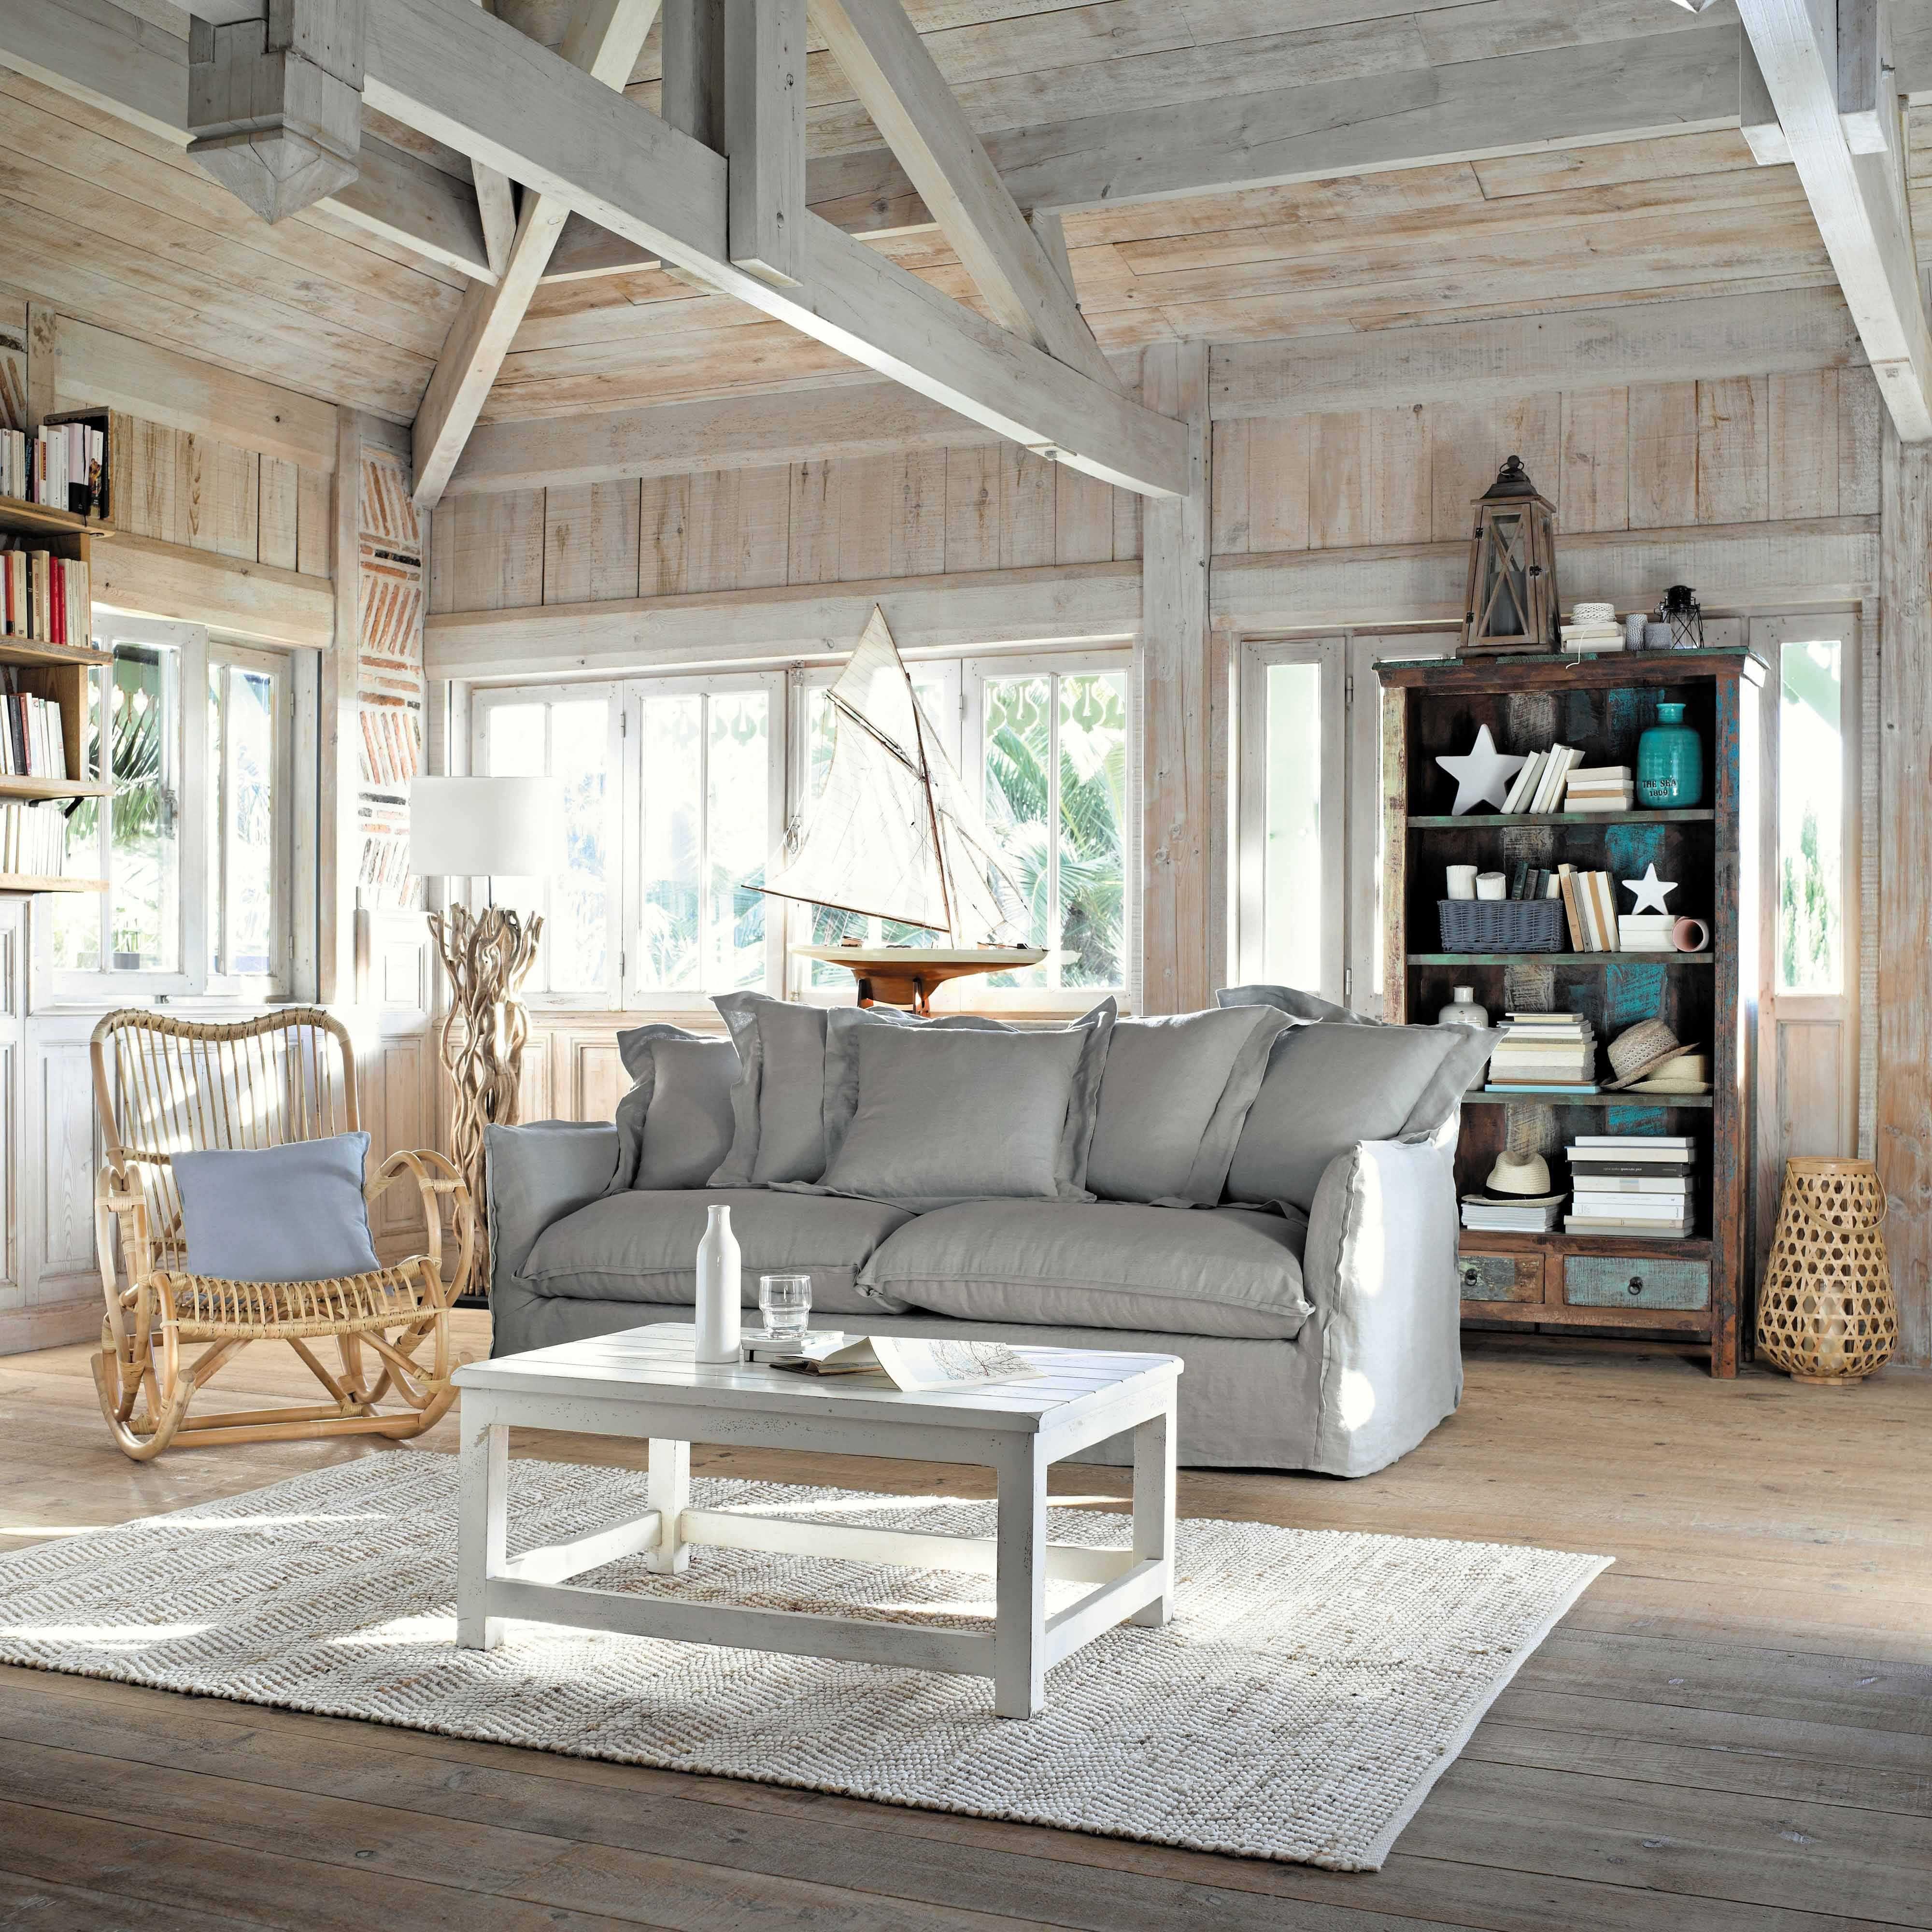 table basse en manguier blanc vieilli l 90 cm avignon maisons du monde d co g tes chambres. Black Bedroom Furniture Sets. Home Design Ideas